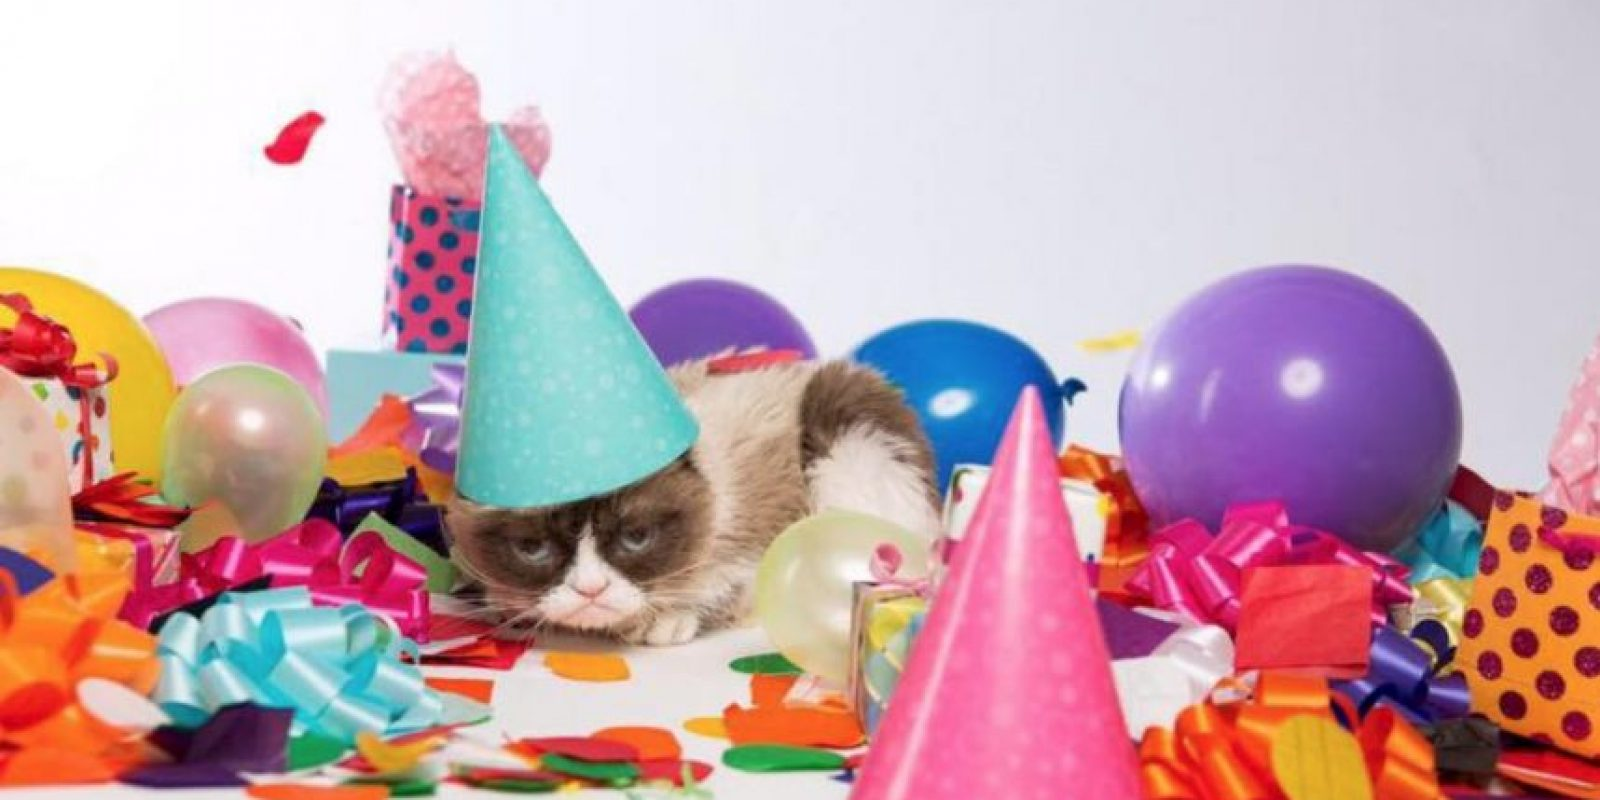 """Tardar Sauce cumple 3 años de nacimiento. Ella es la famosa """"Grumpy Cat"""" Foto:Grumpy Cat/Facebook"""